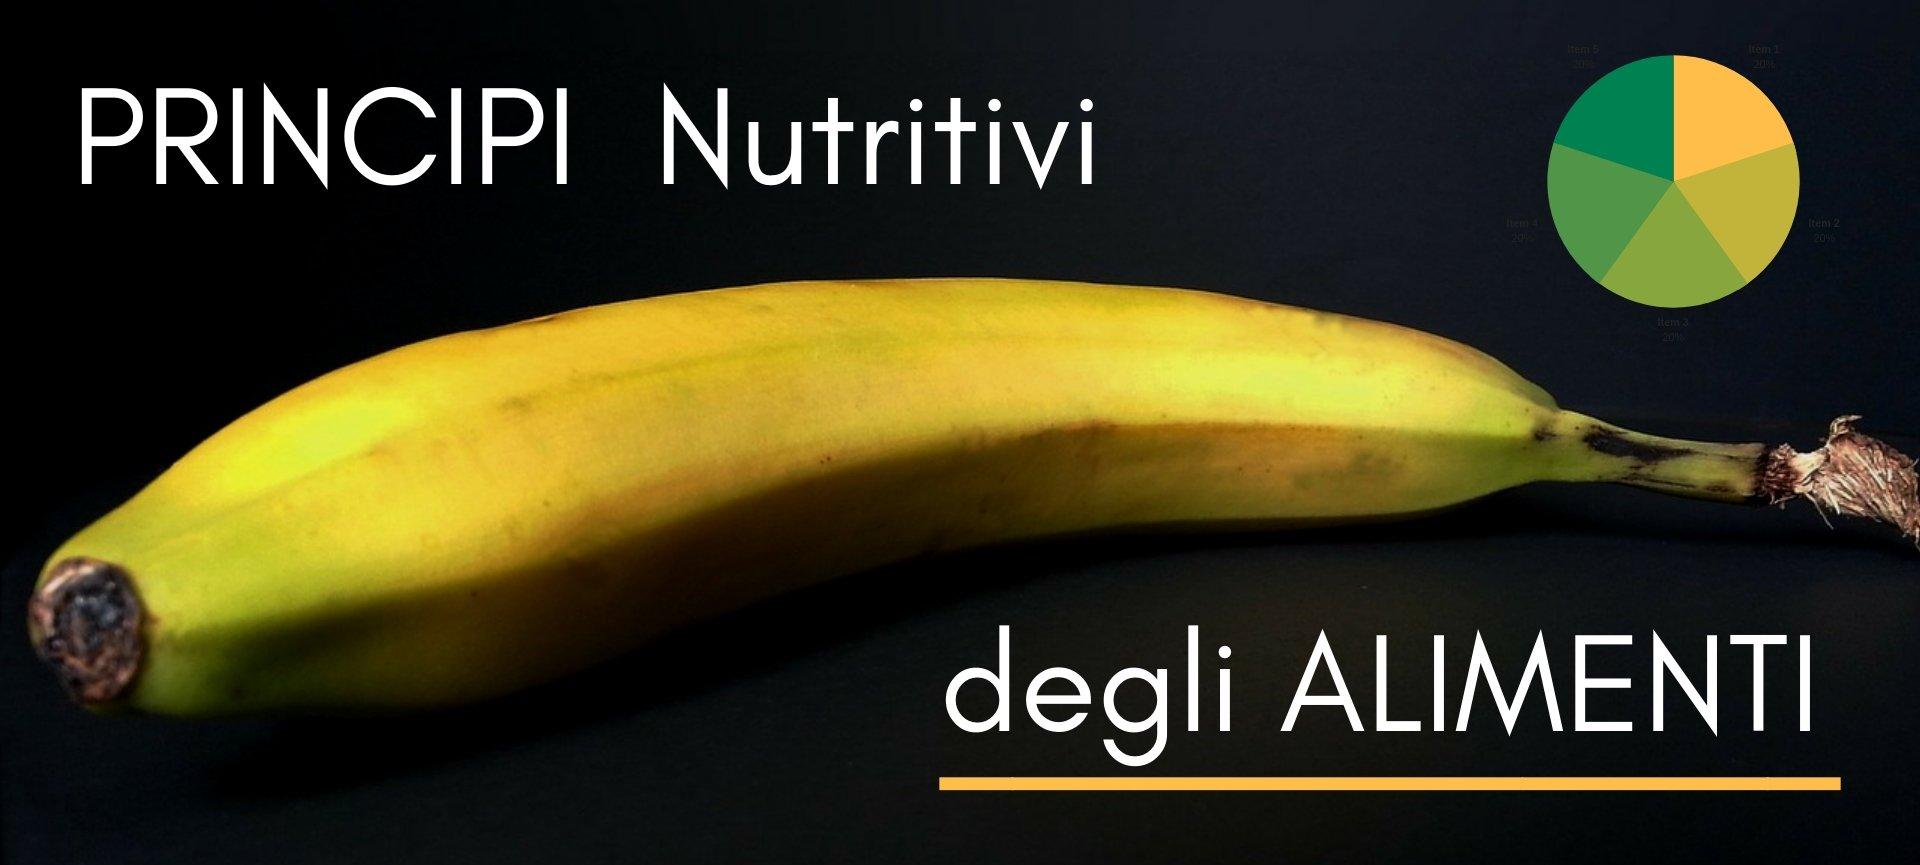 Principi Nutritivi degli Alimenti